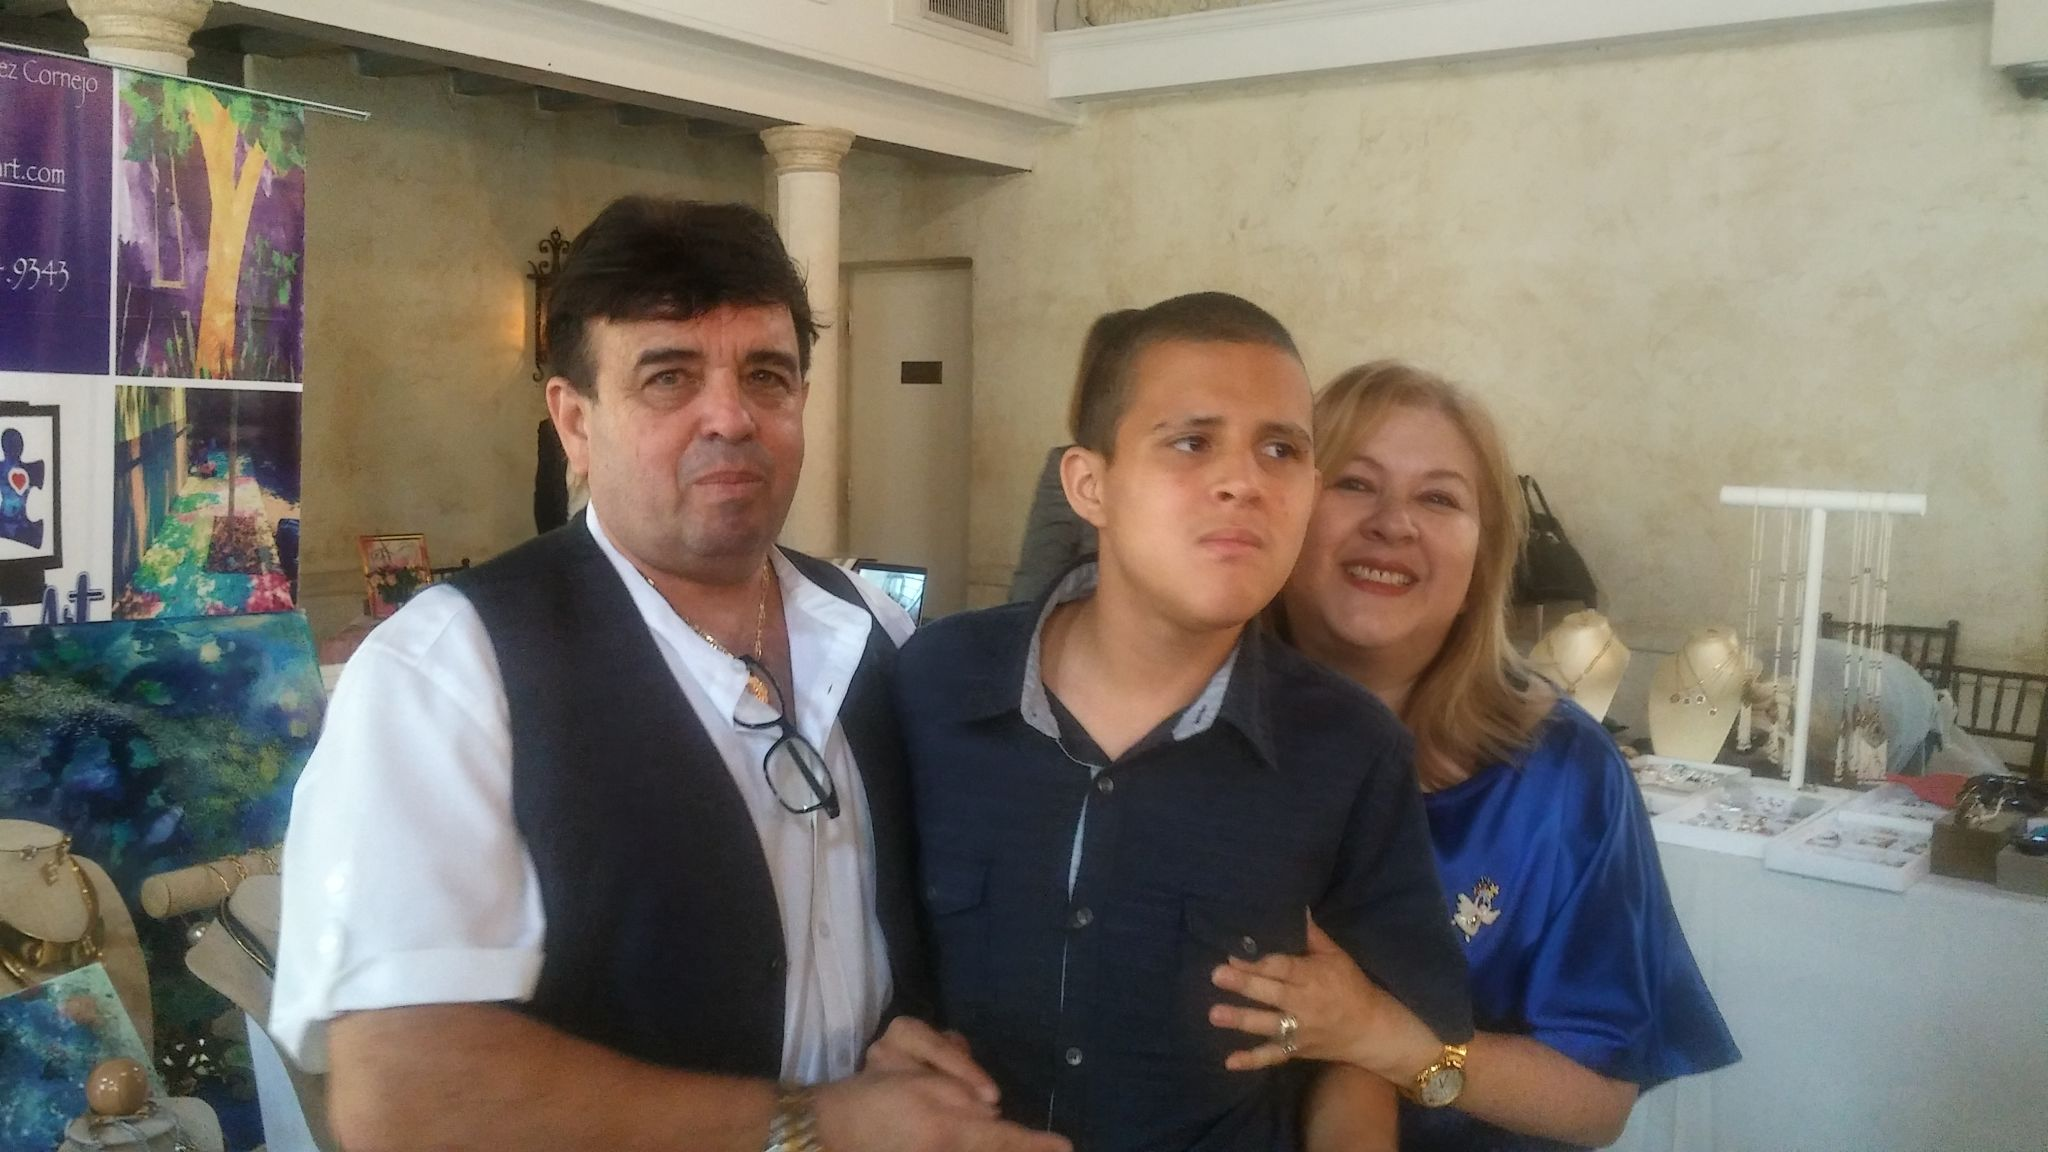 Bryan y sus amorosos padres Roxana y Luis Miguel Fernandez Cornejo.